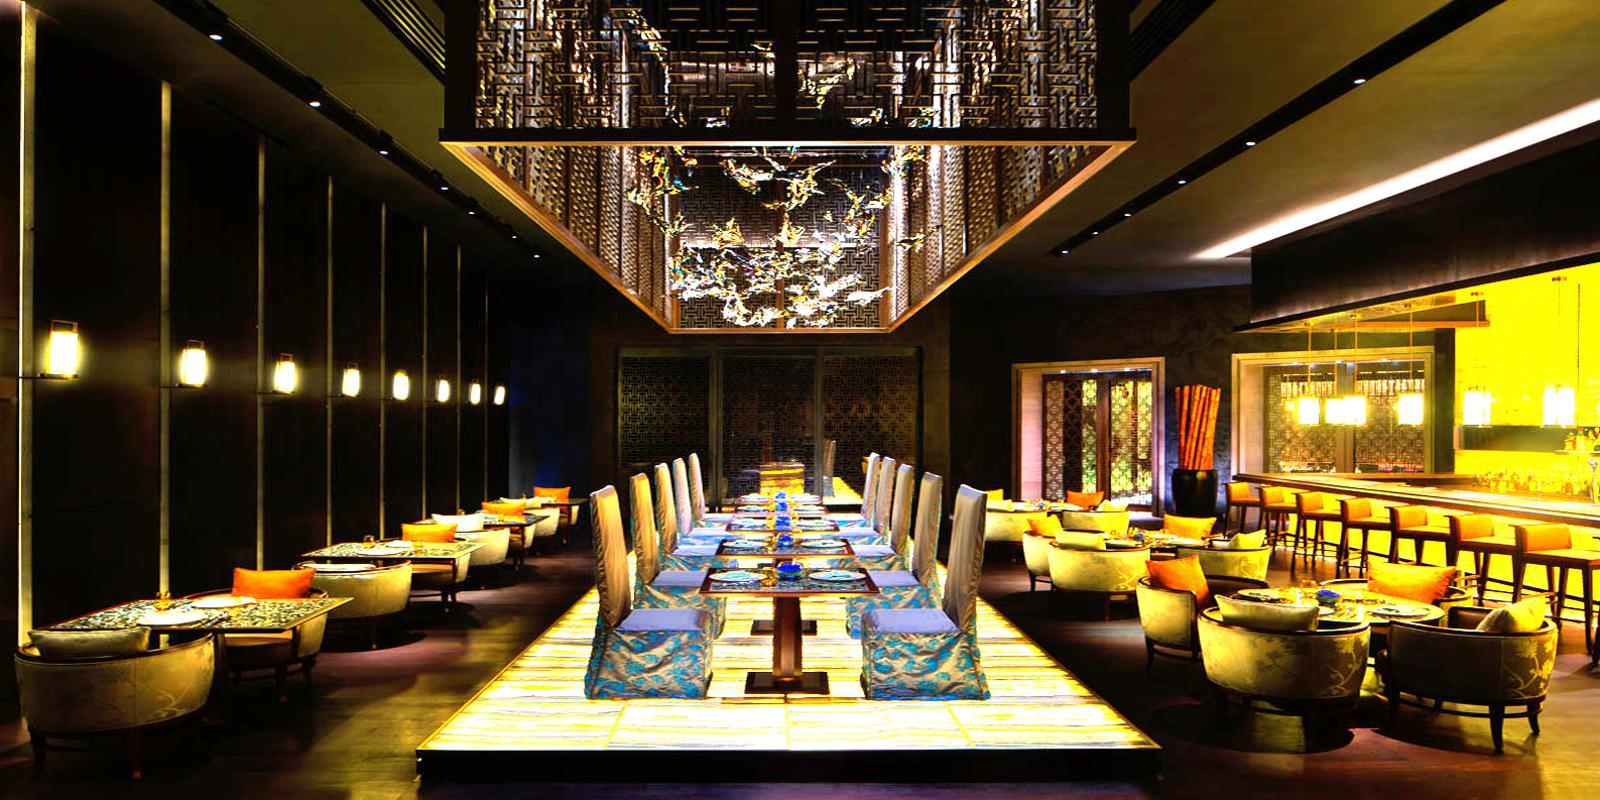 مطعم يوان للمأكولات الصينية – جزيرة النخلة جميرا